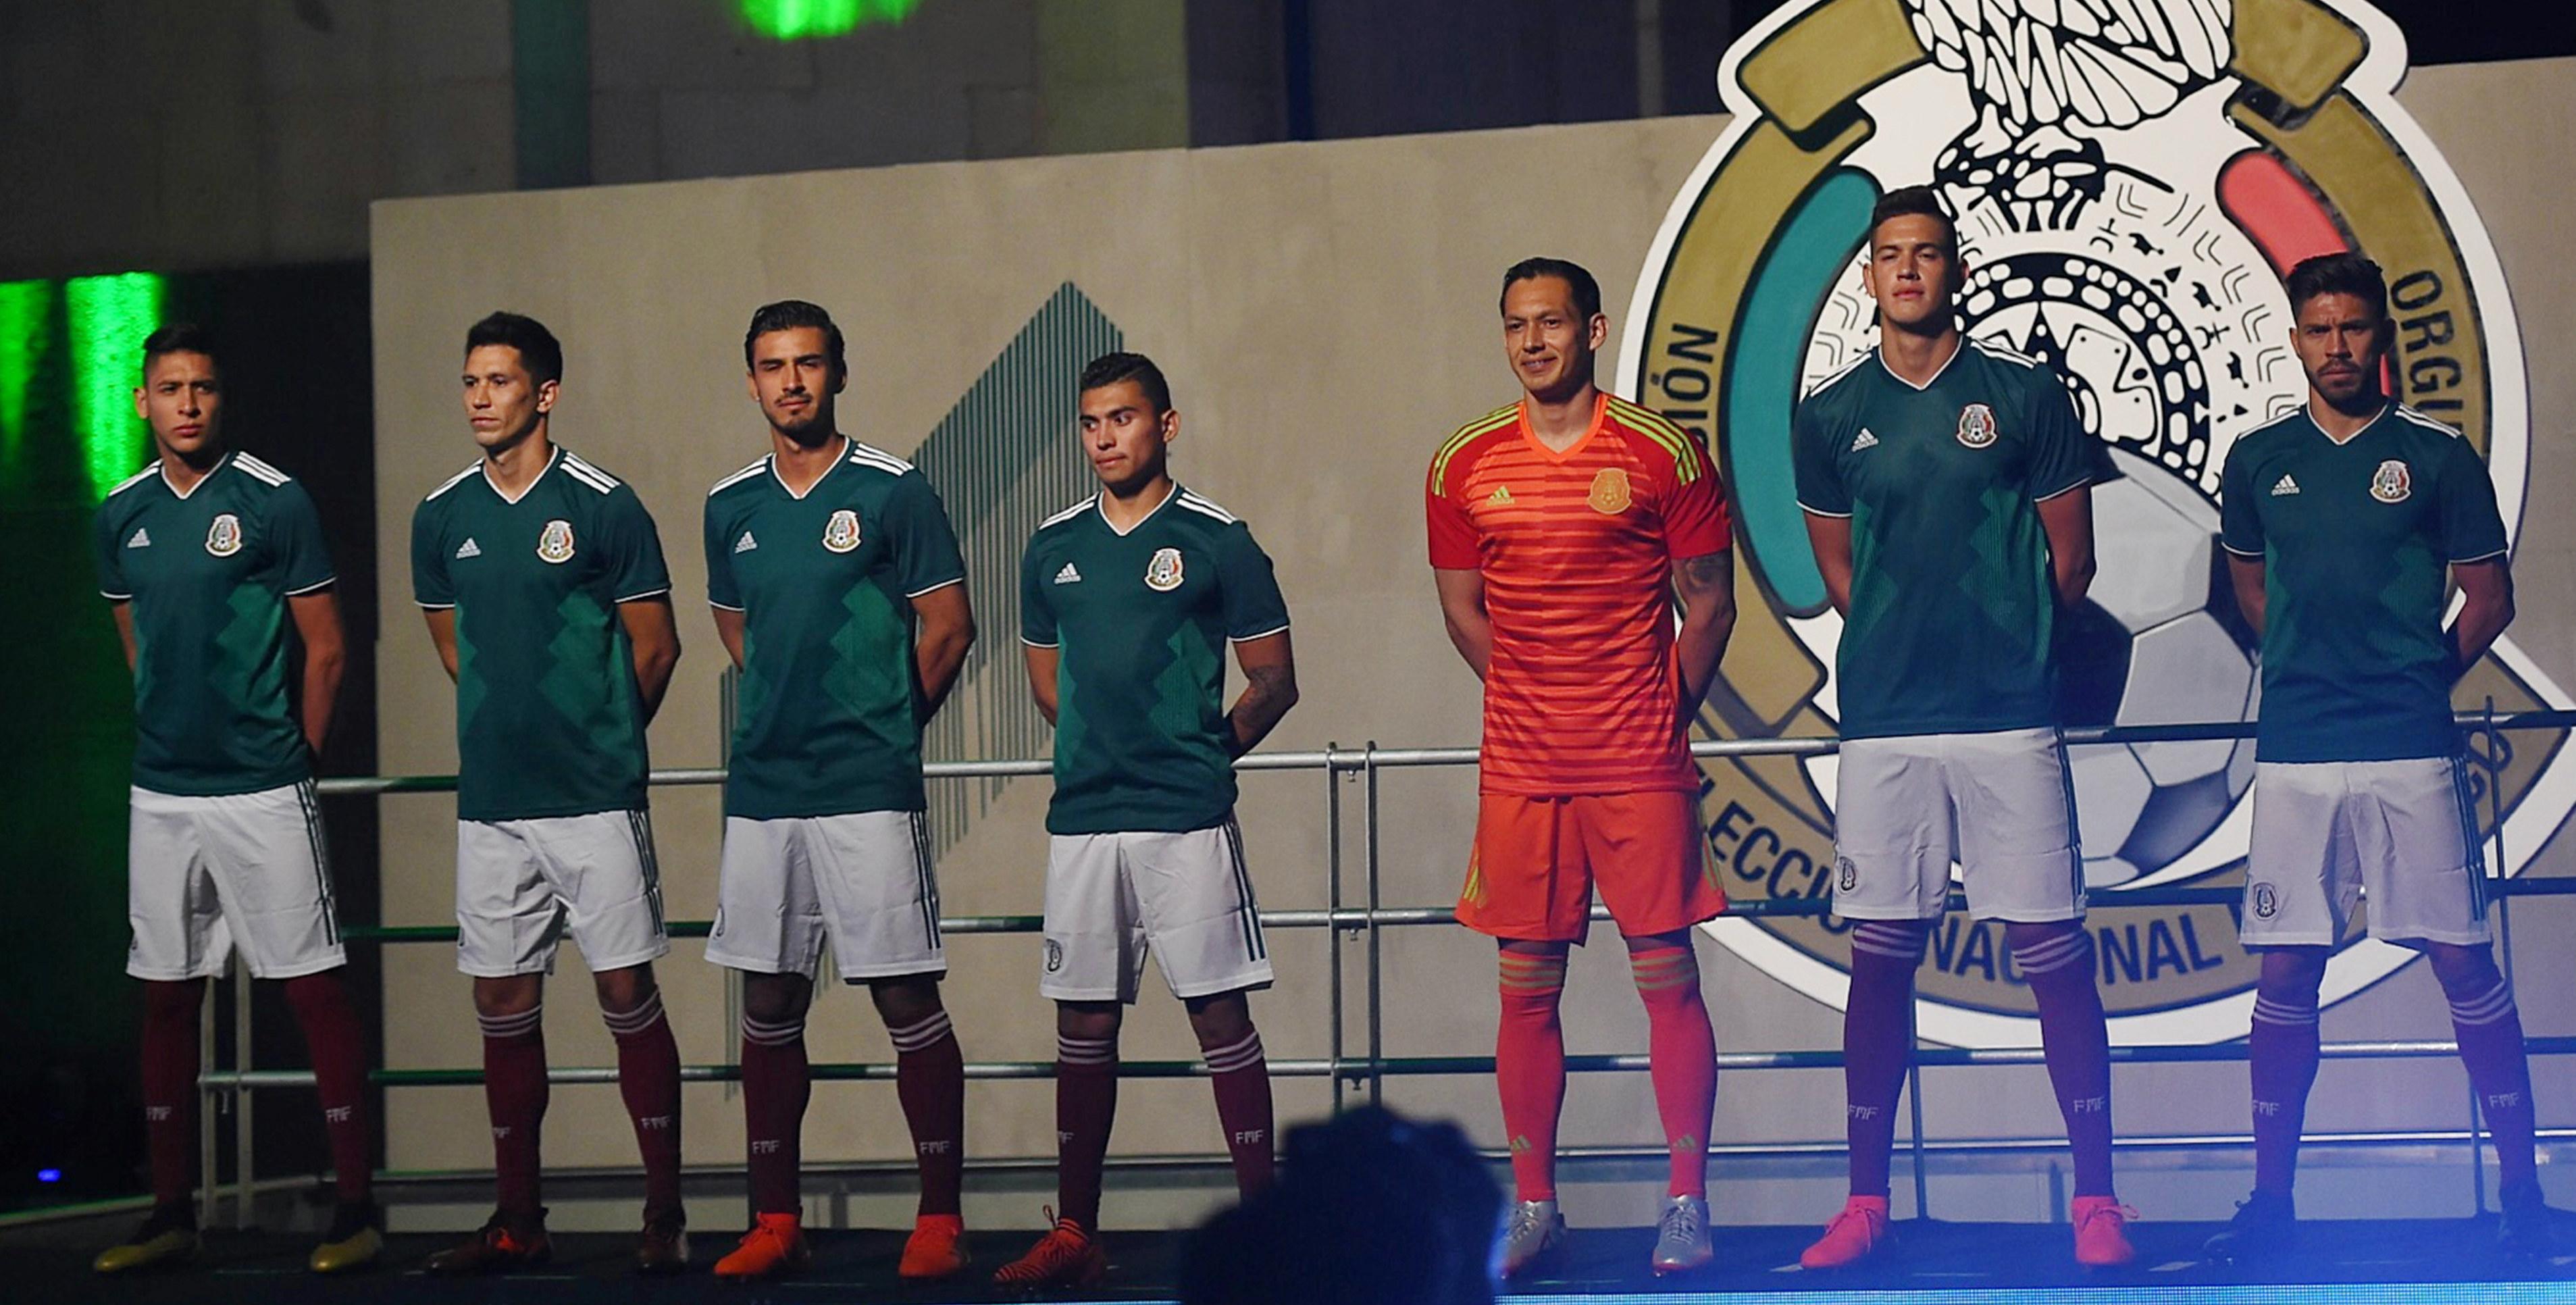 México presentó su nuevo uniforme para Rusia 2018  aa71b23361594